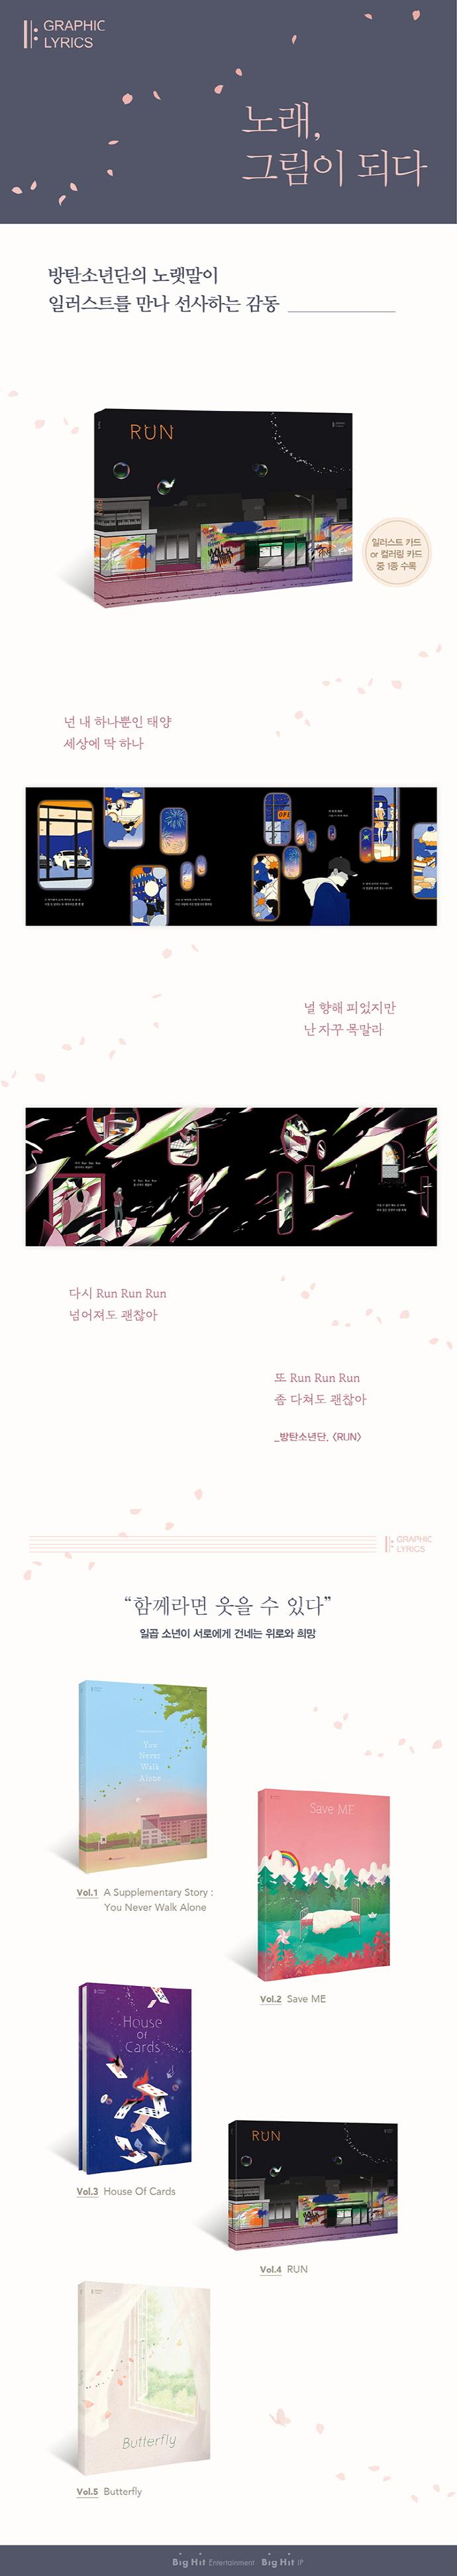 RUN(양장본 HardCover) 도서 상세이미지